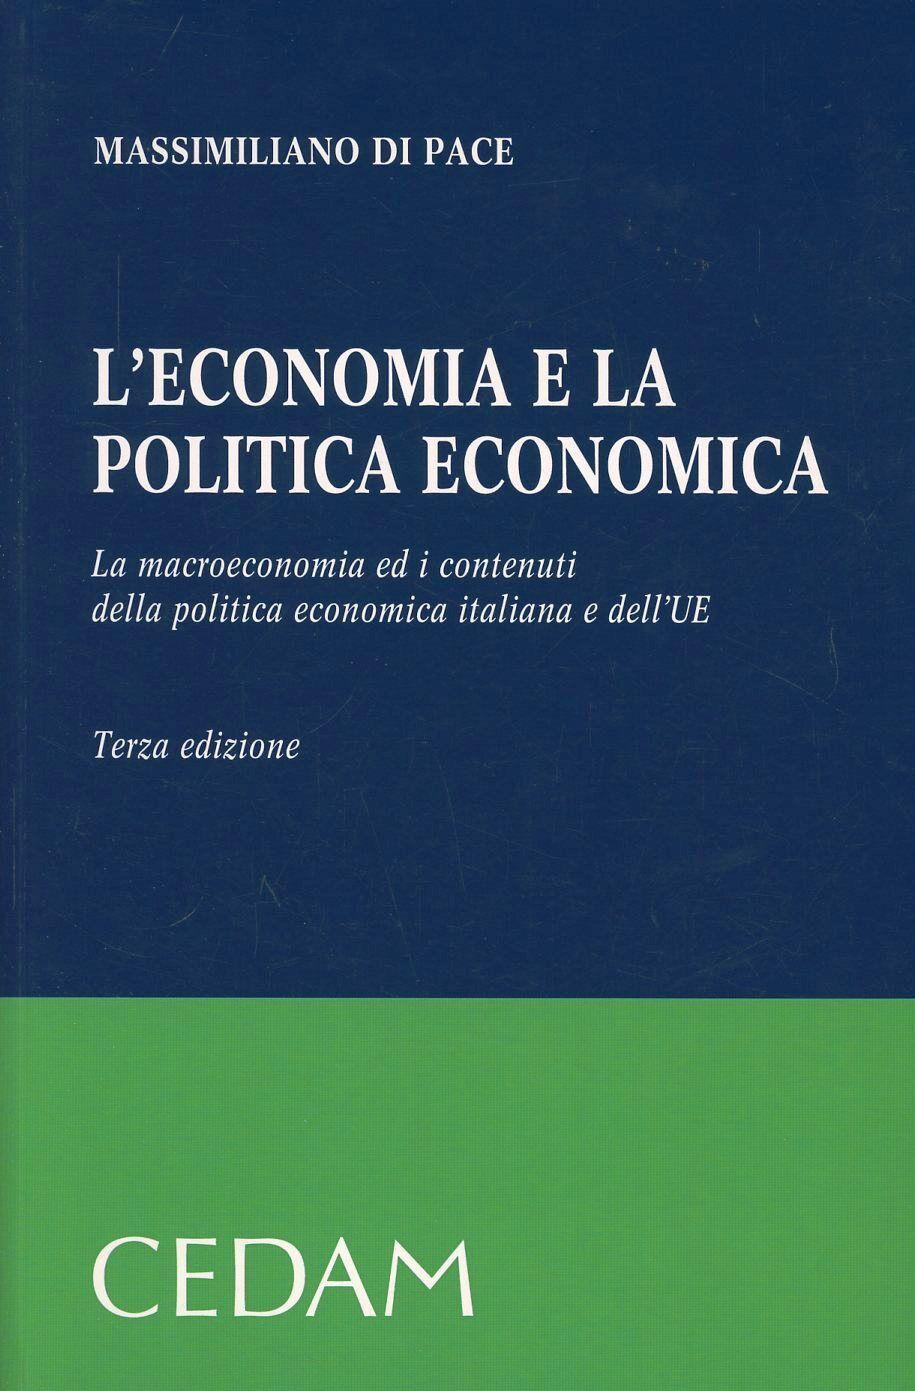 L' economia e la politica economica. La macroeconomia ed i contenuti della politica economica italiana e dell'UE